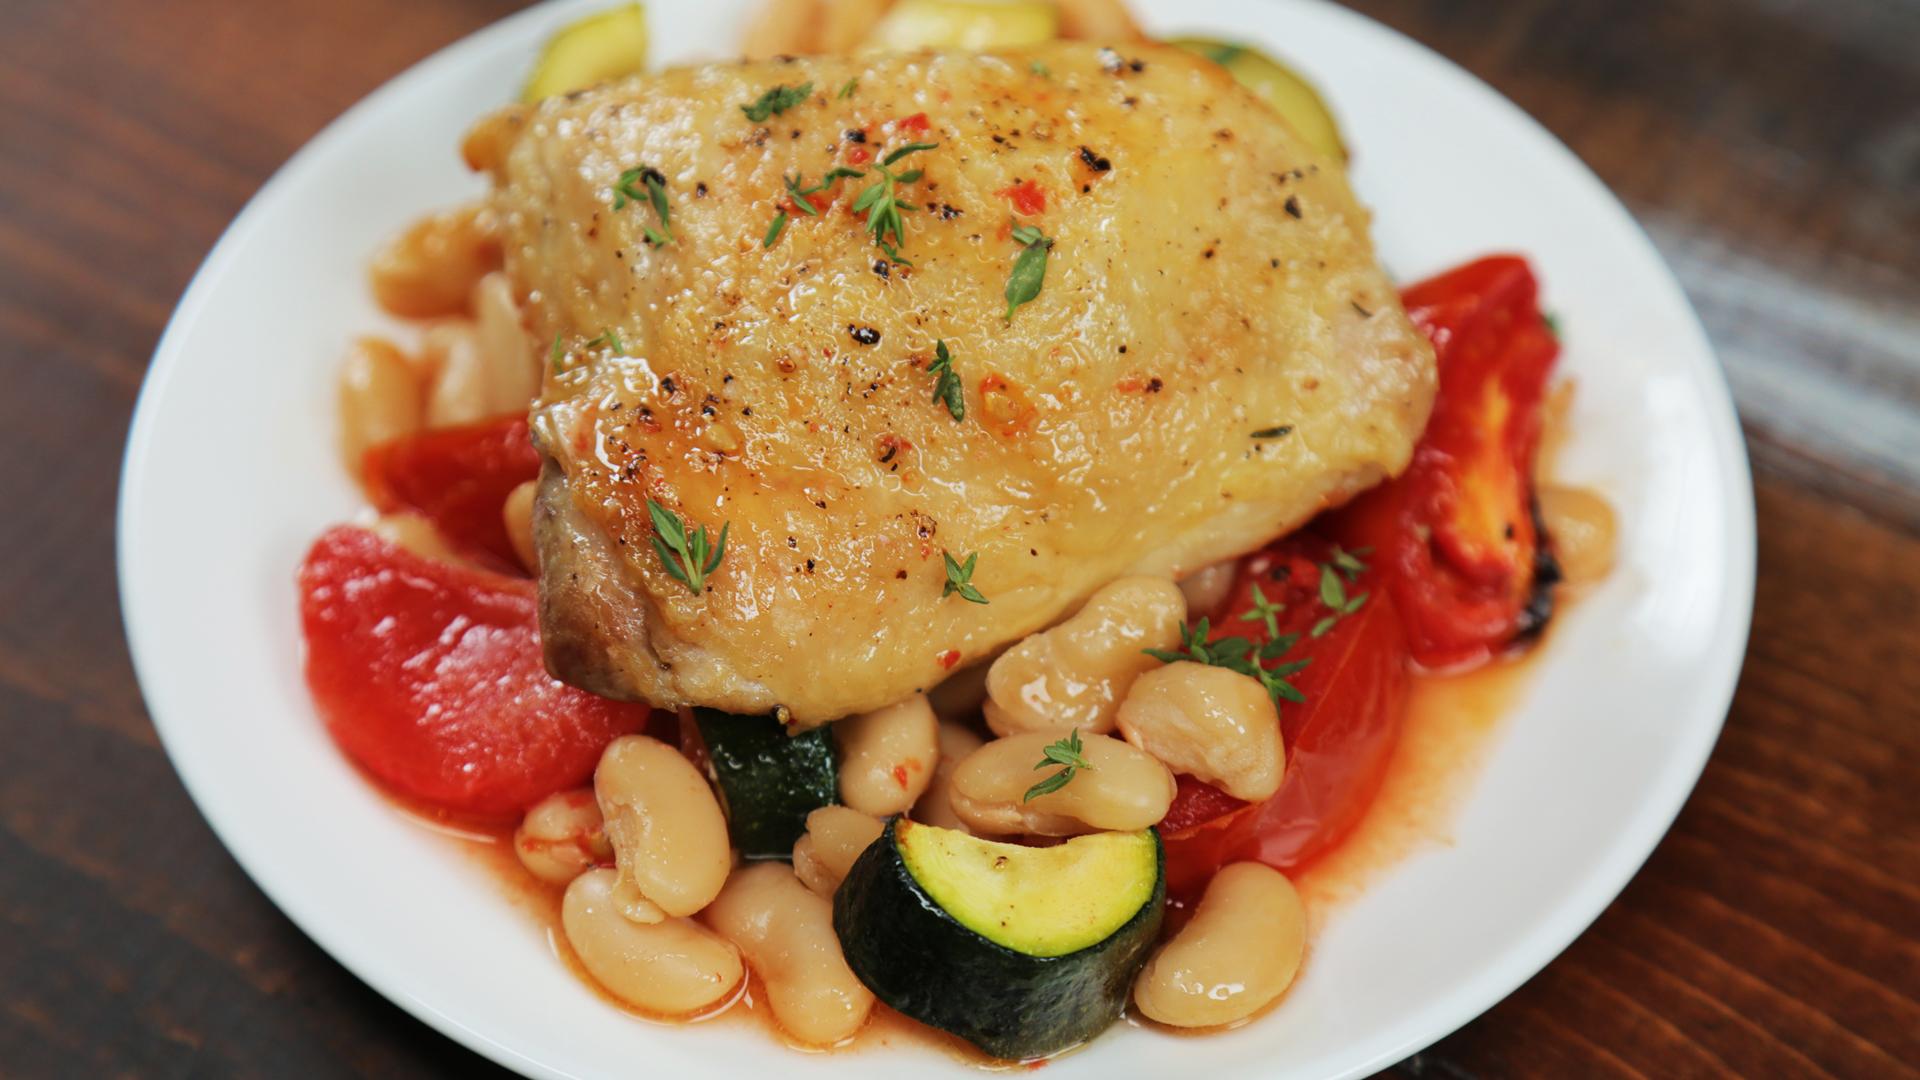 Cake Pan Tuscan Chicken Dinner image